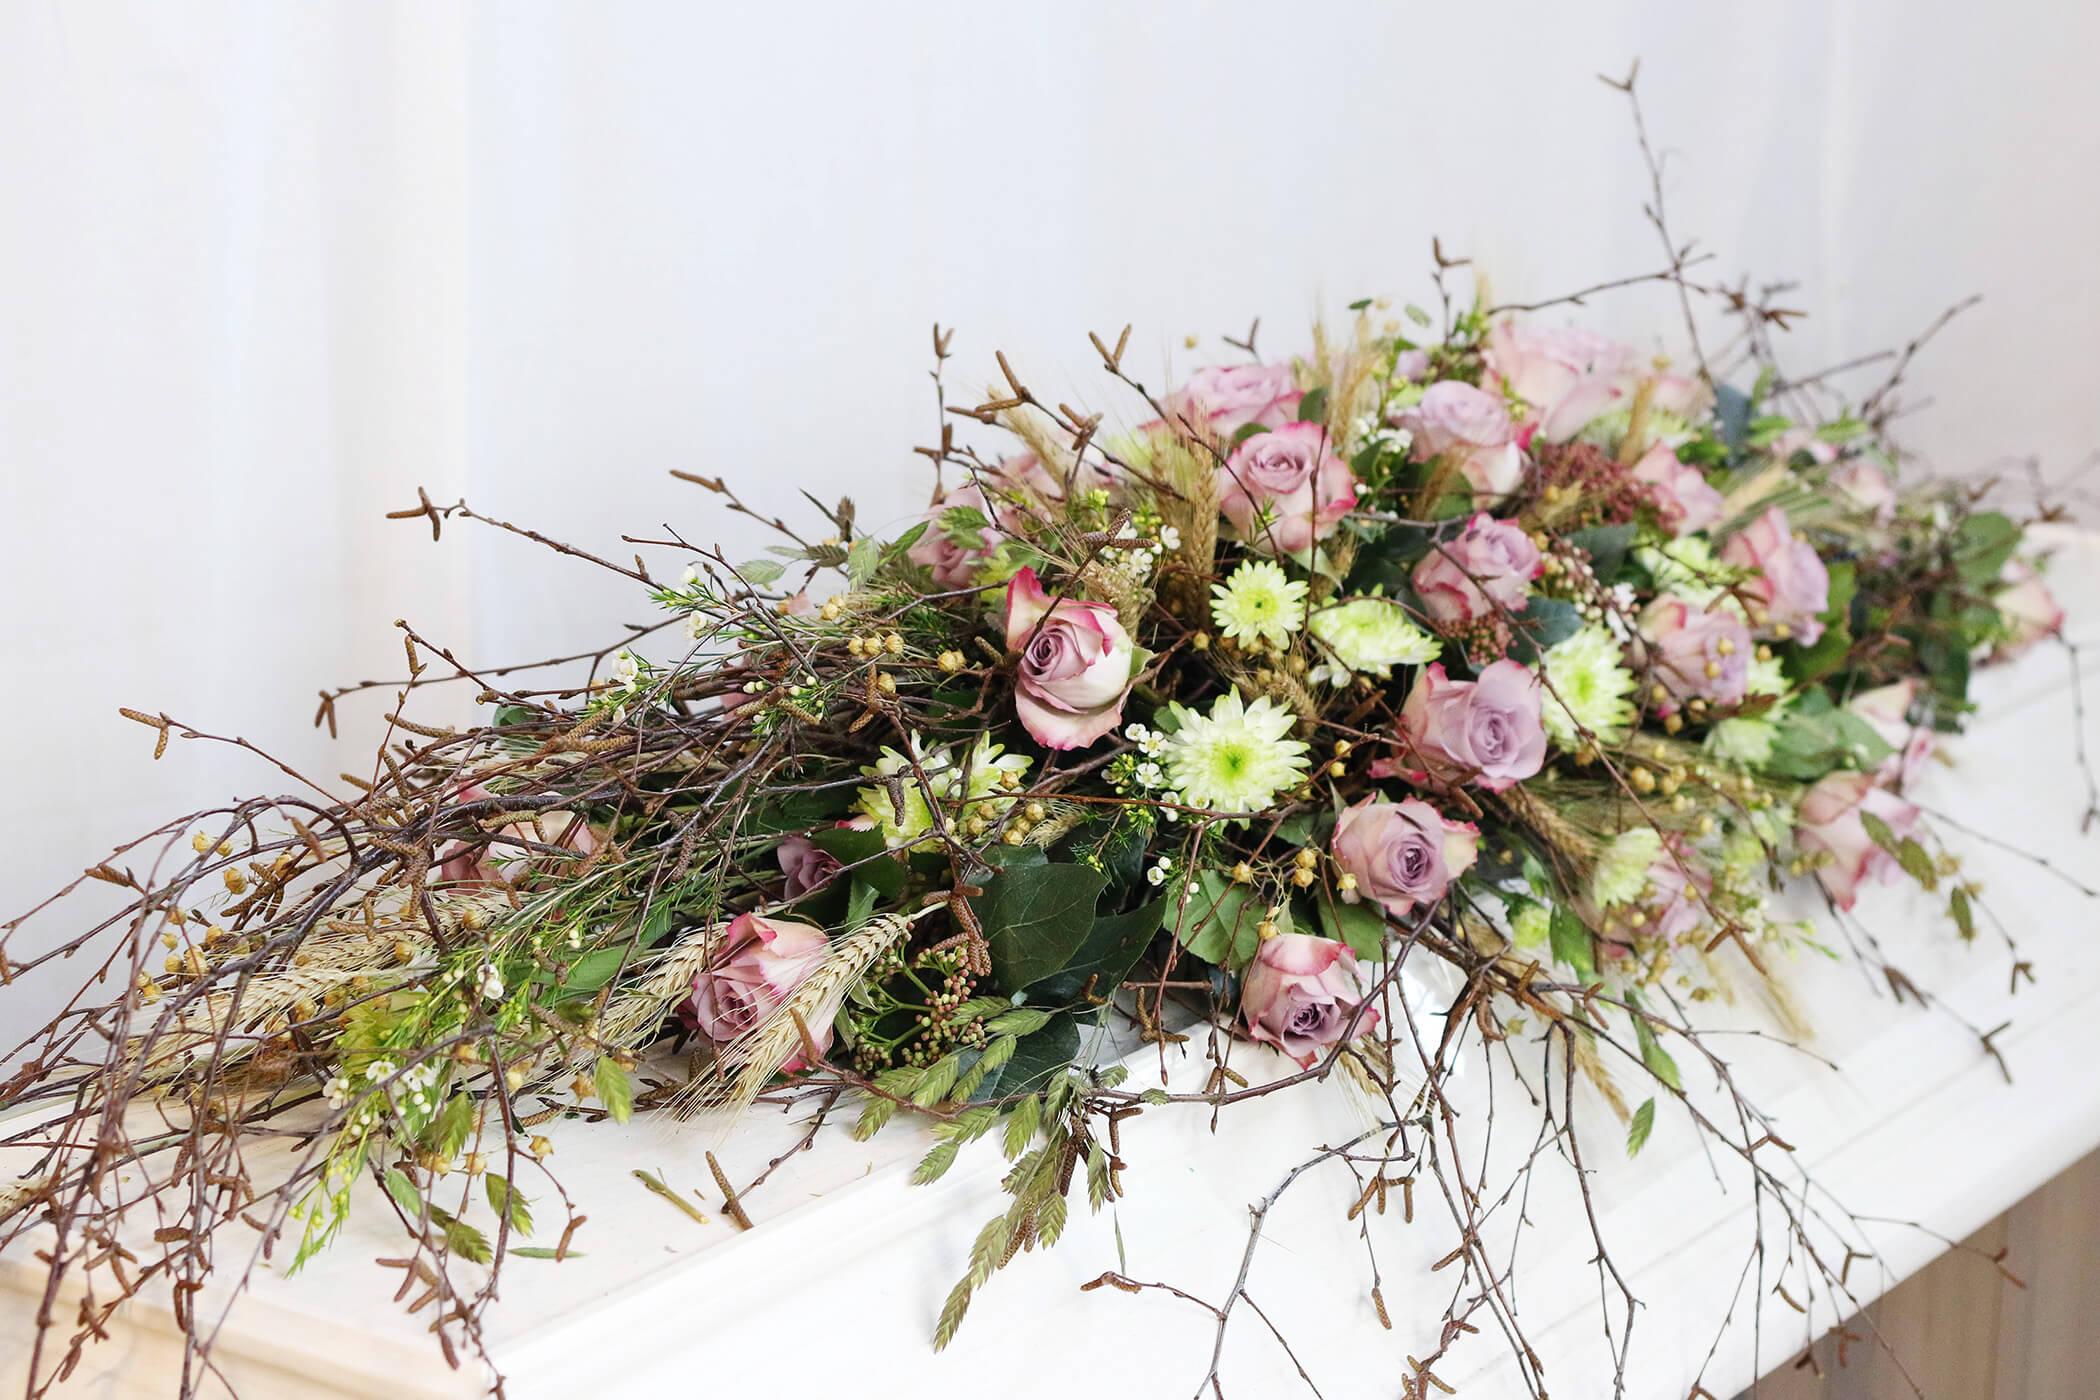 Denna naturnära kistdekoration är gjord av bleklila rosor, björkris och limefärgad krysantemum. Blommorna varierar efter säsong.